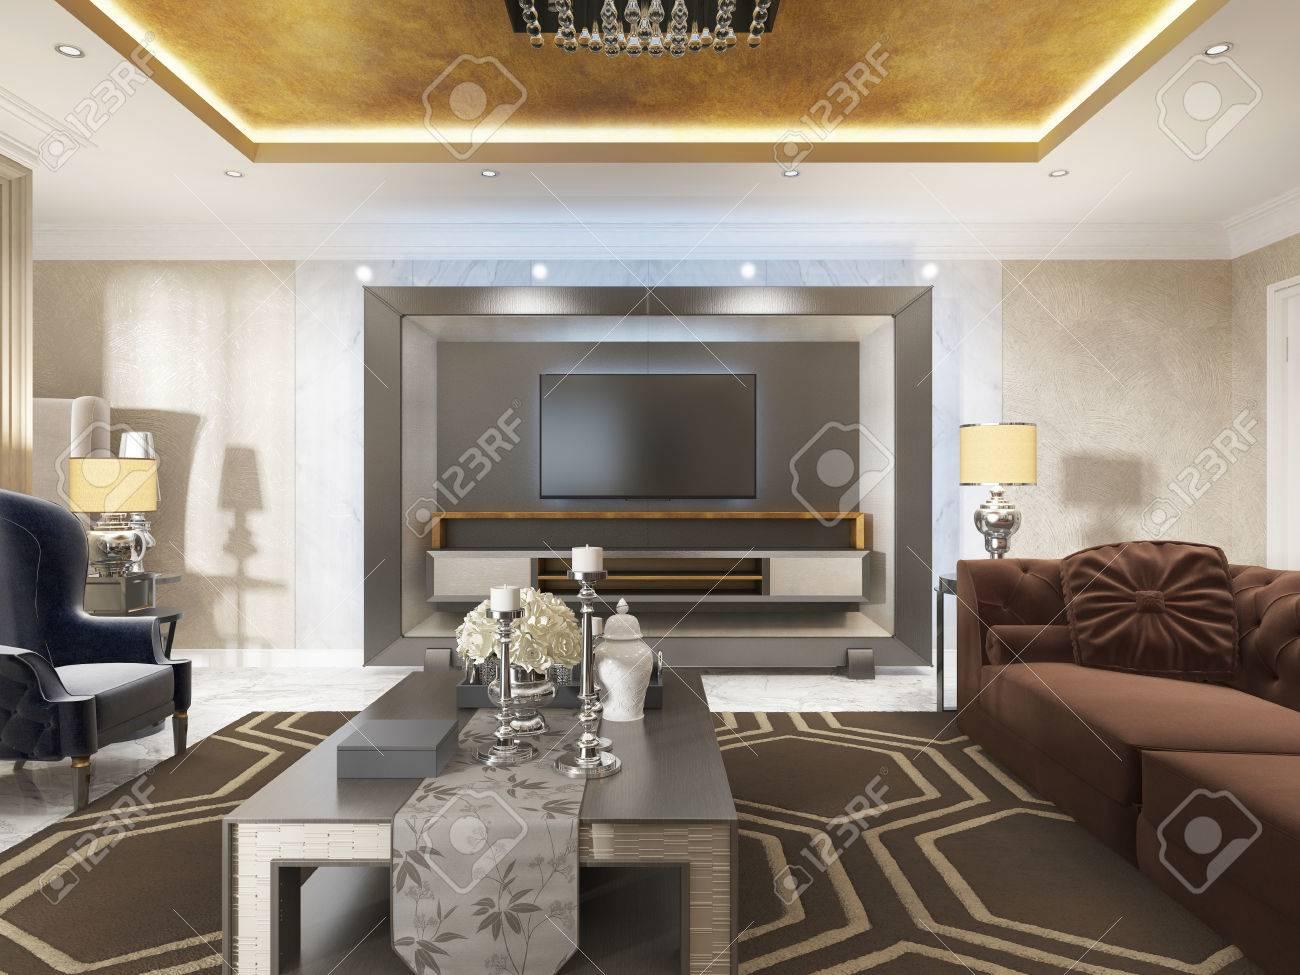 Luxuriöses Wohnzimmer Im Art Deco Stil Mit Lila Sofas Und Sessel Und